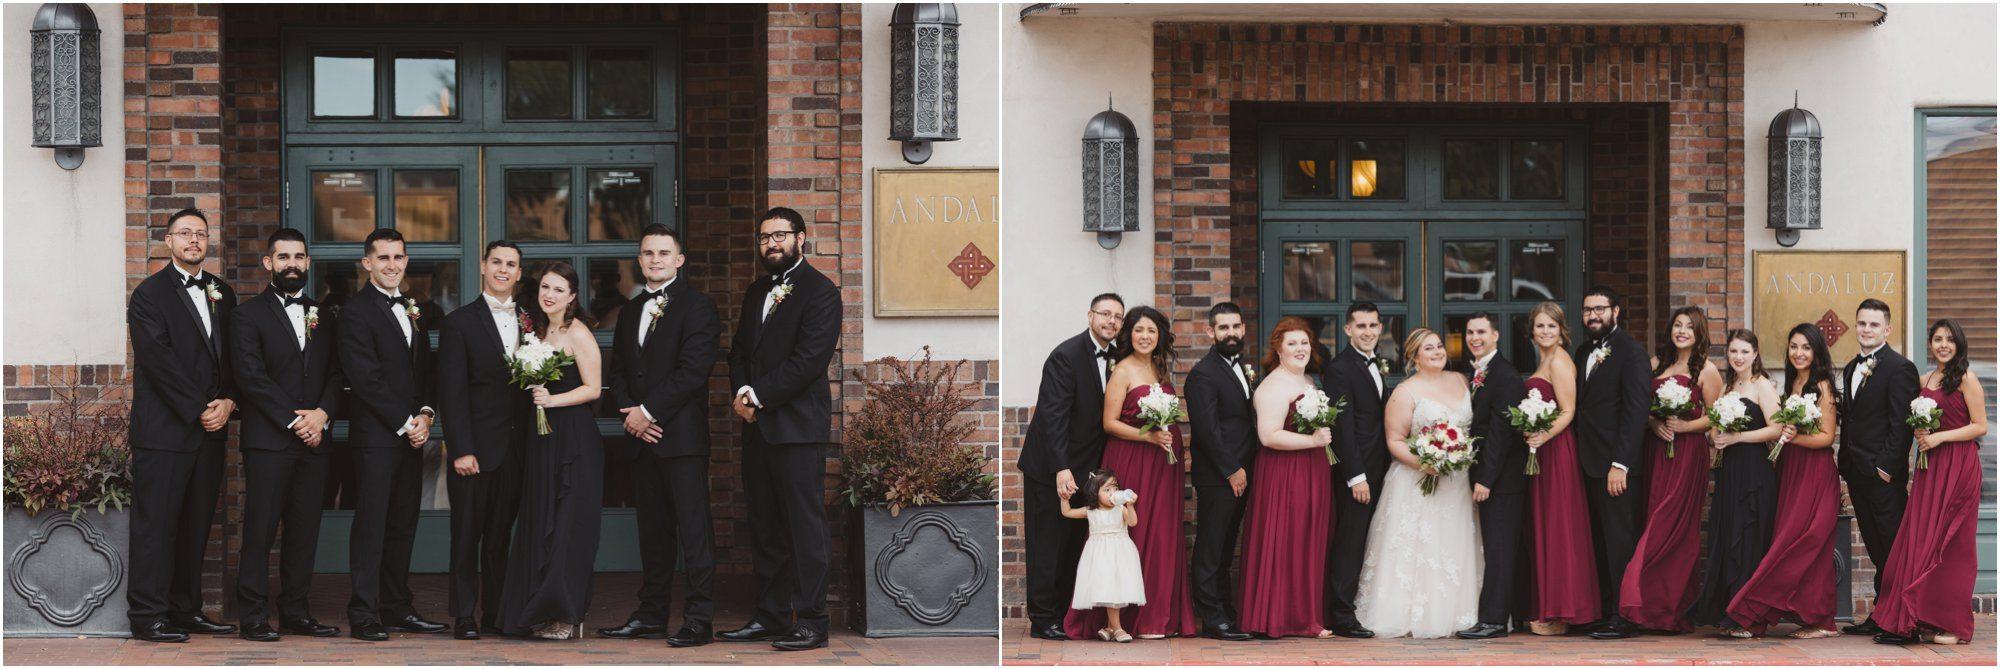 0017albuquerque-wedding-photography_-santa-fe-wedding-photographer_-blue-rose-studio